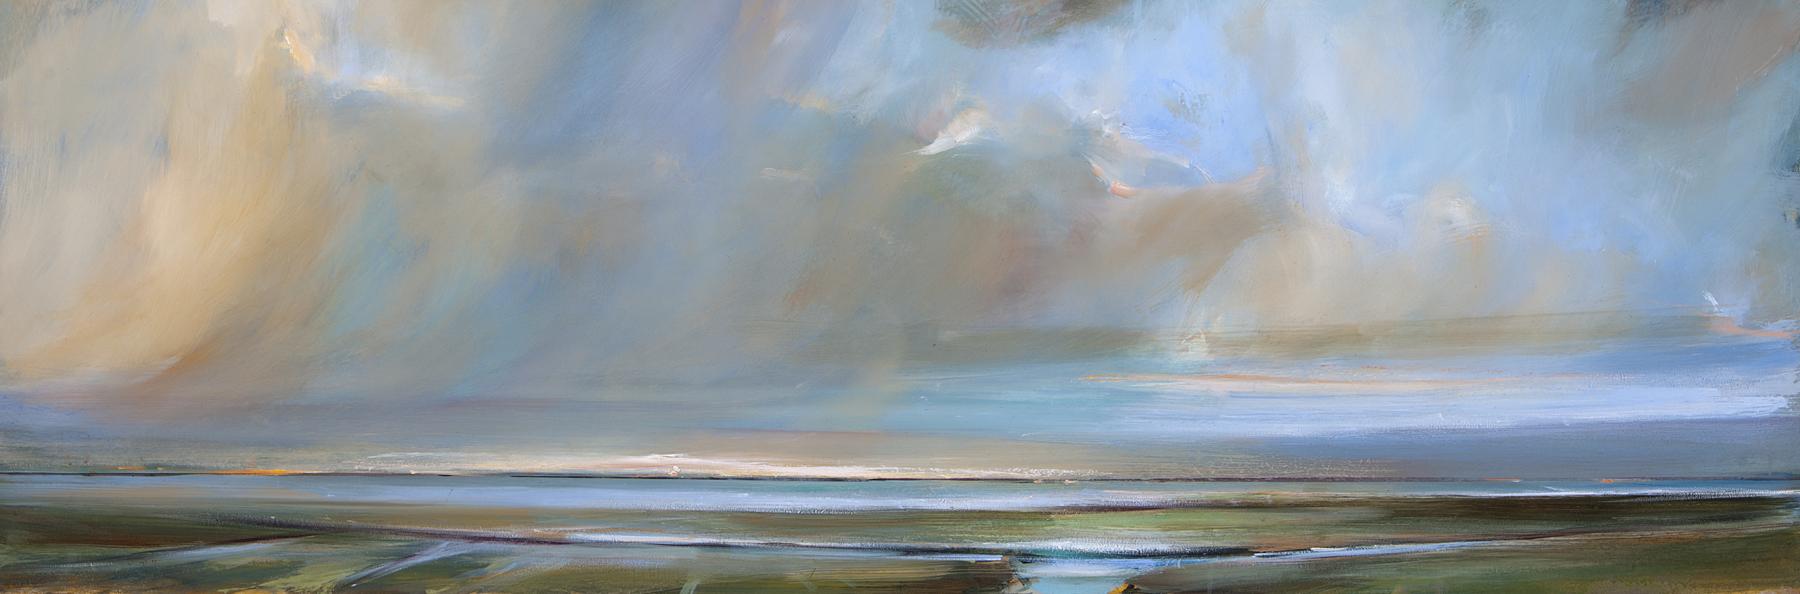 Wad2014 foto schilderij Hendrik